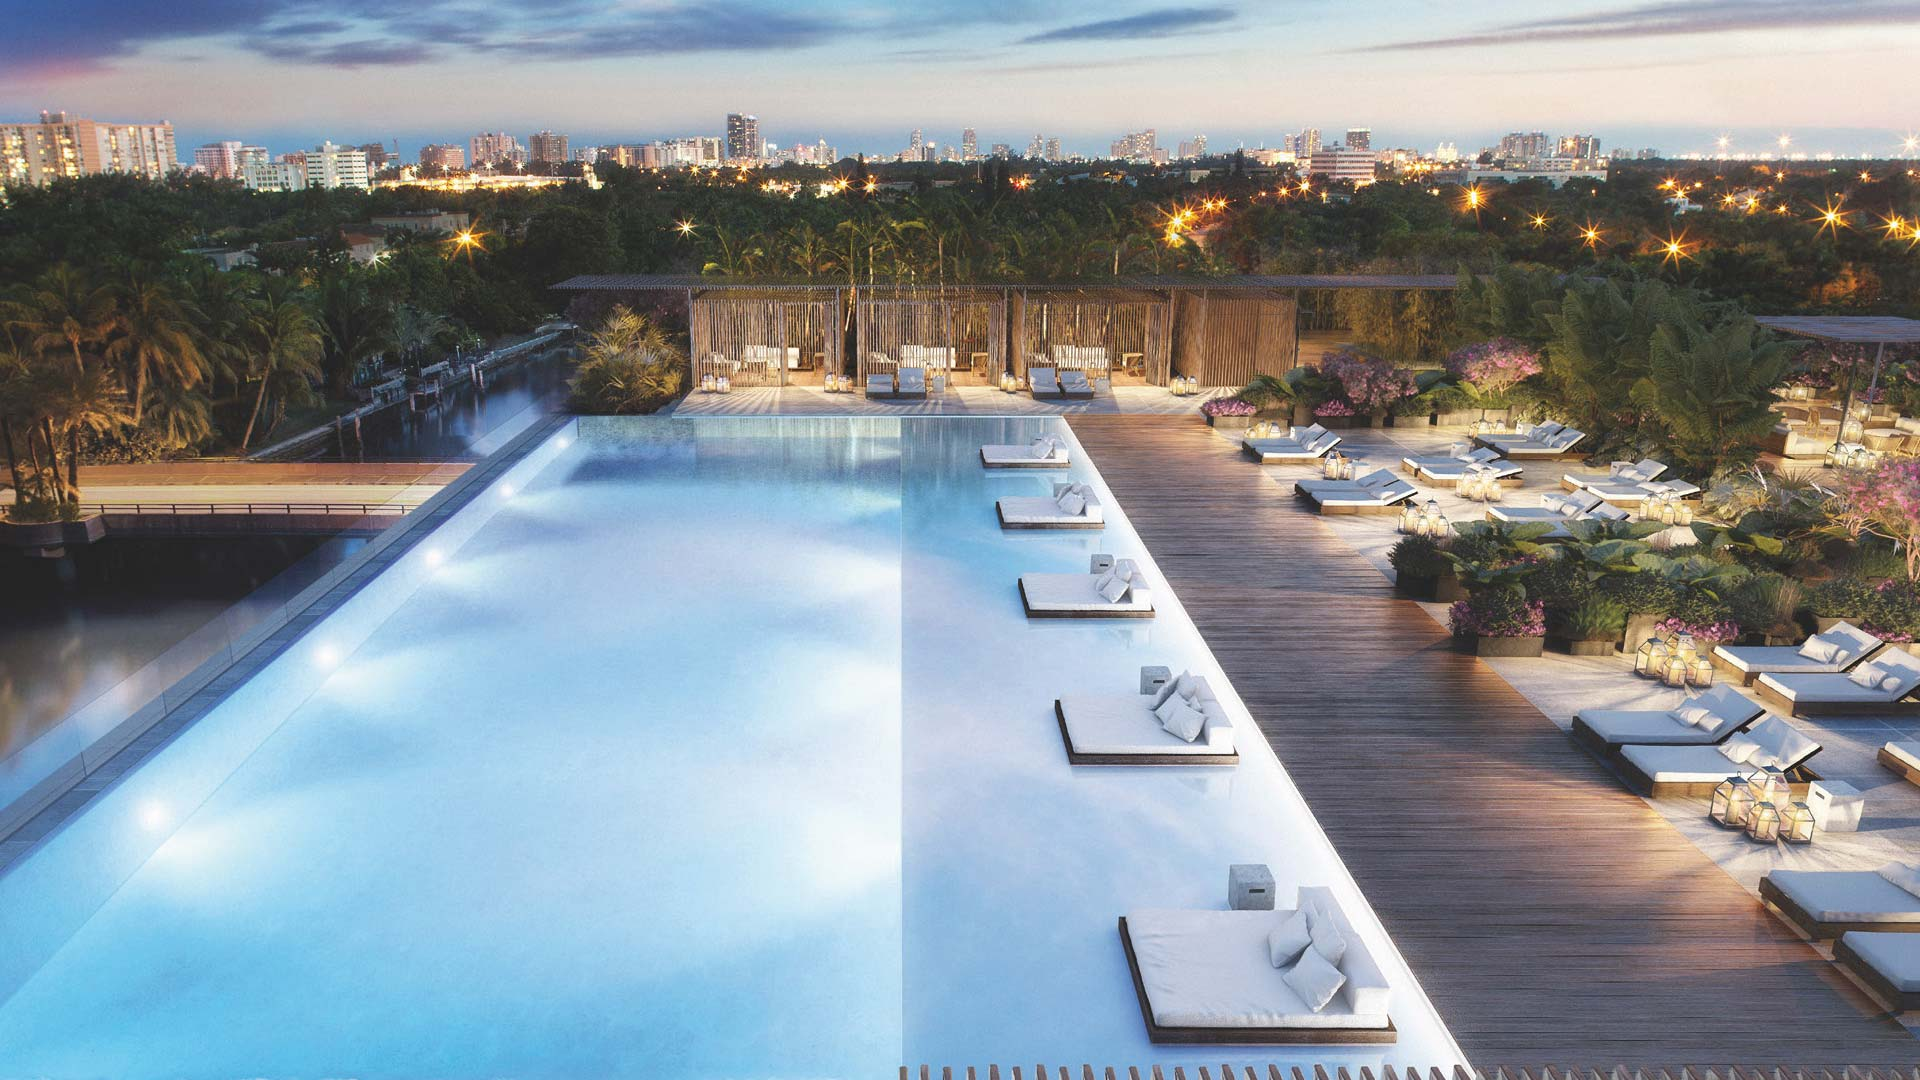 Luxury Residences - The Ritz-Carlton